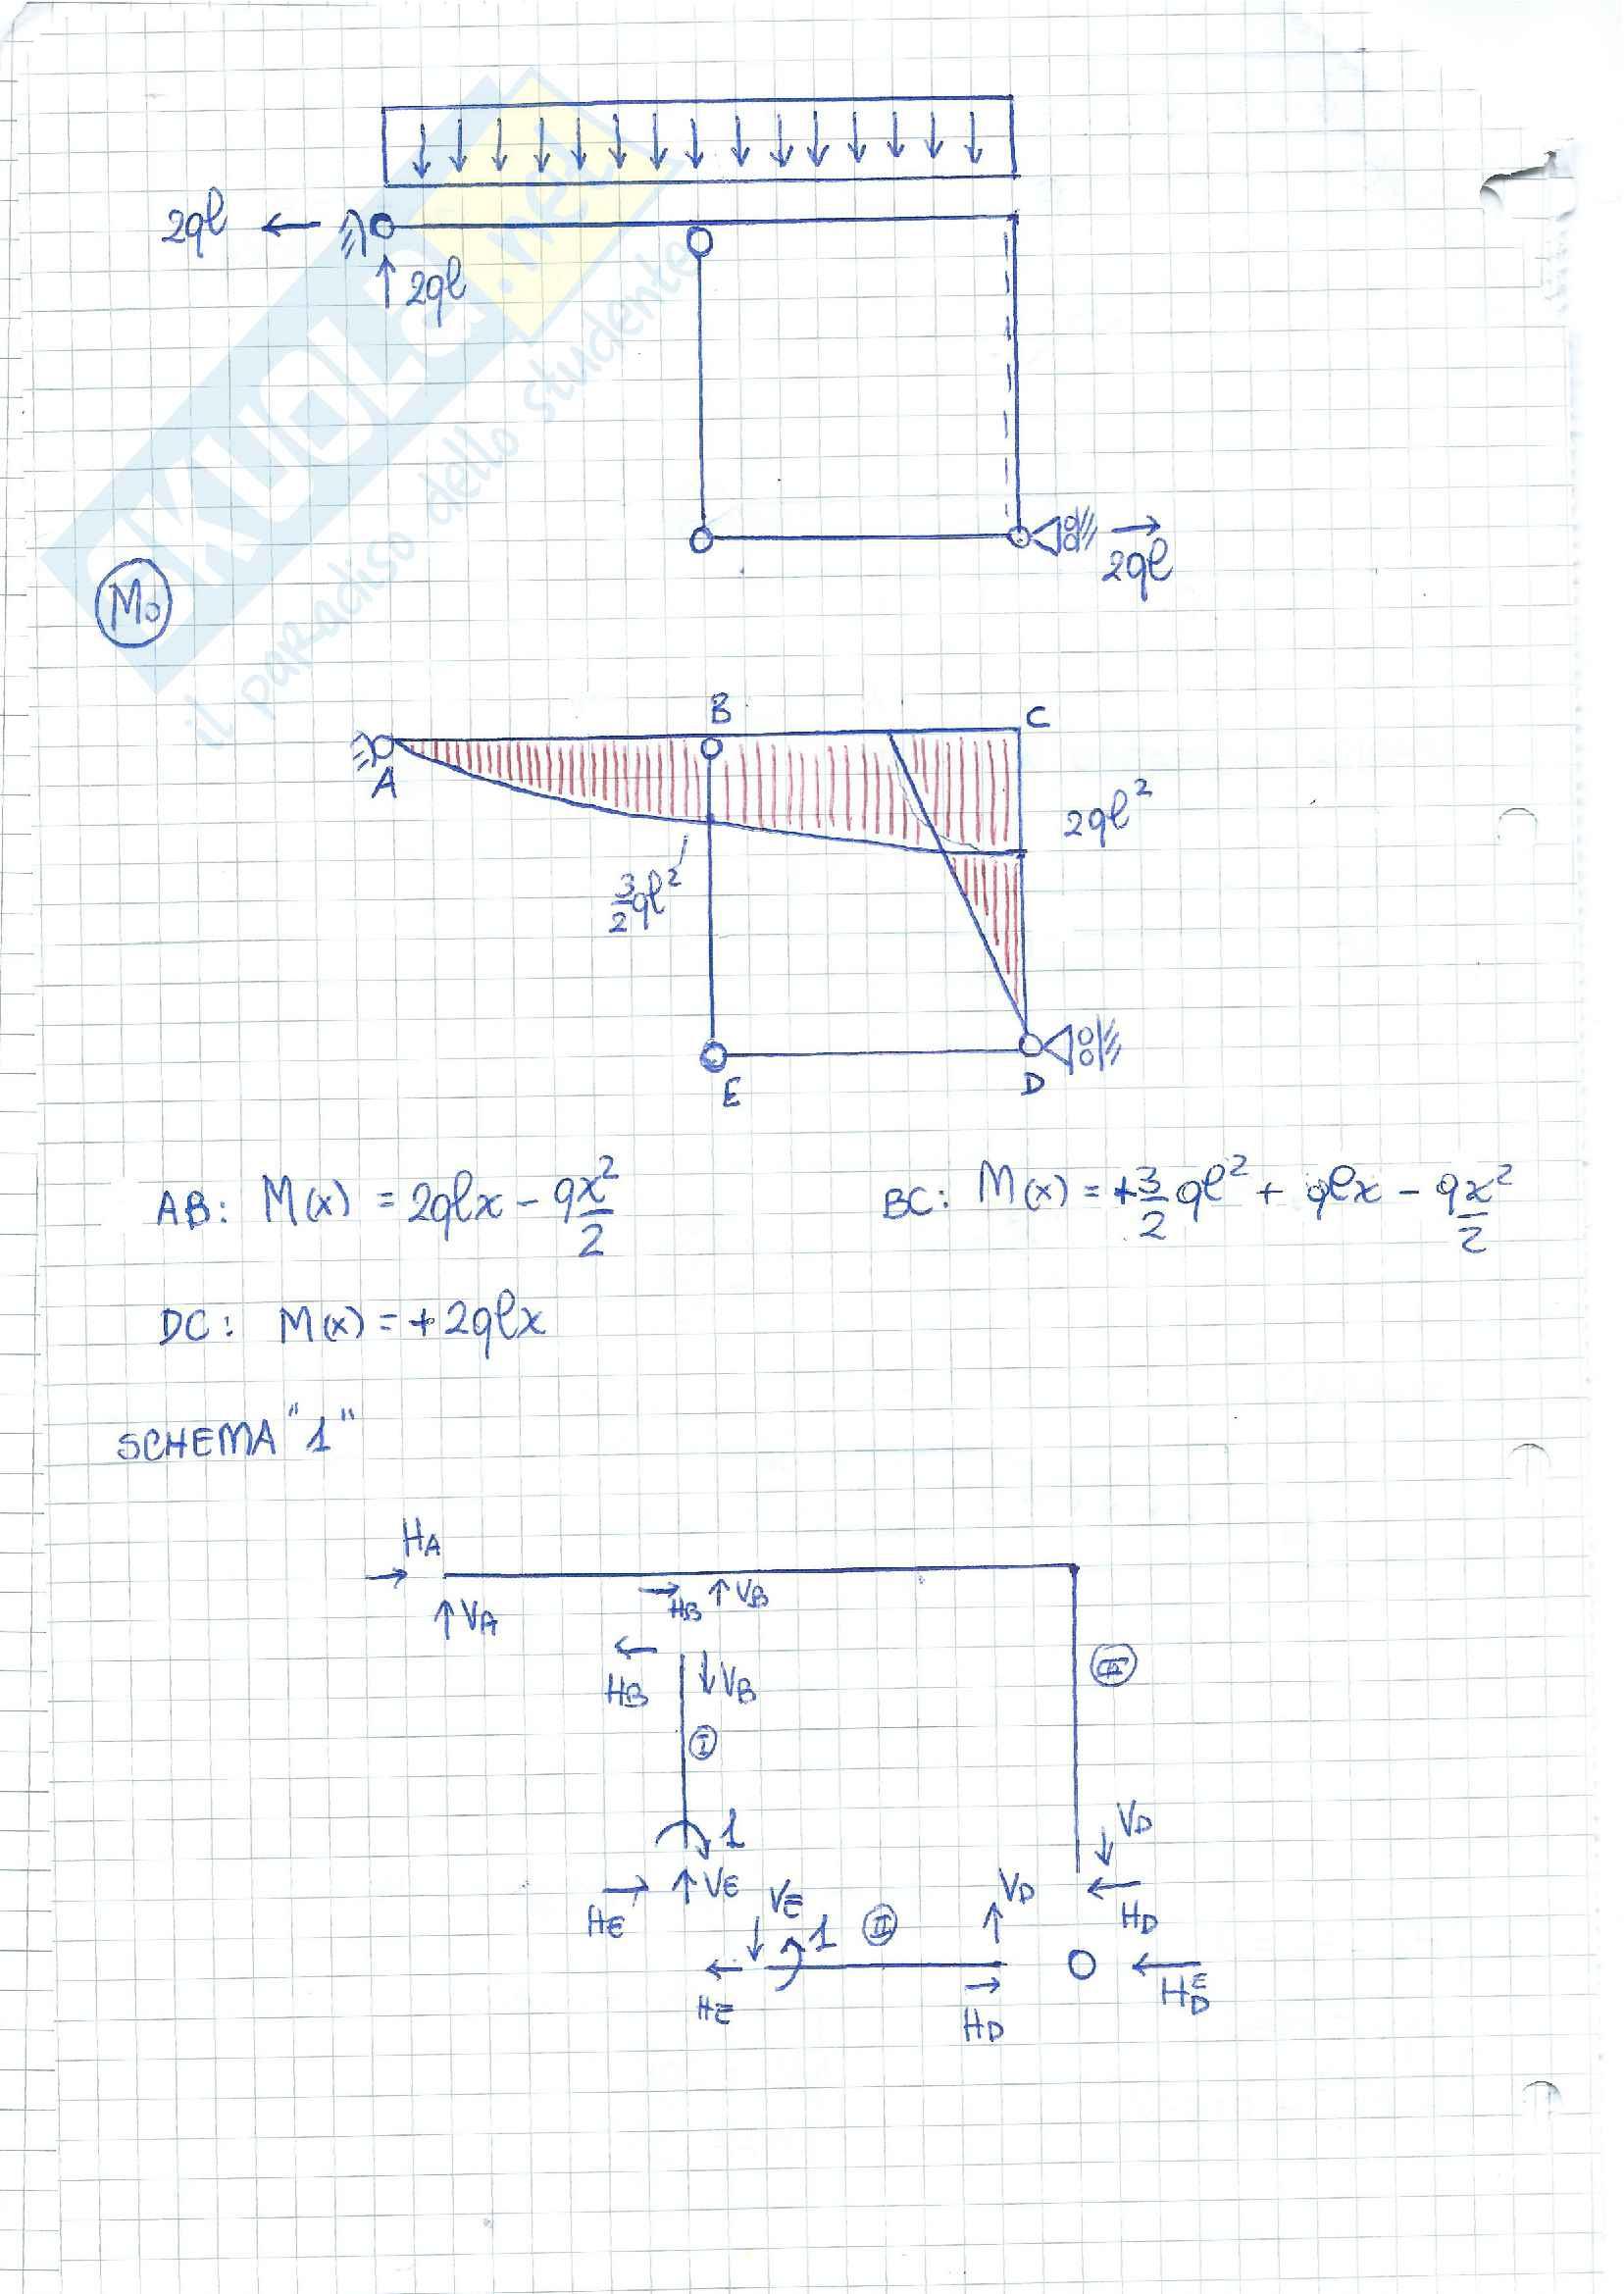 Strutture iperstatiche- esercizi (metodo delle forze) Pag. 41